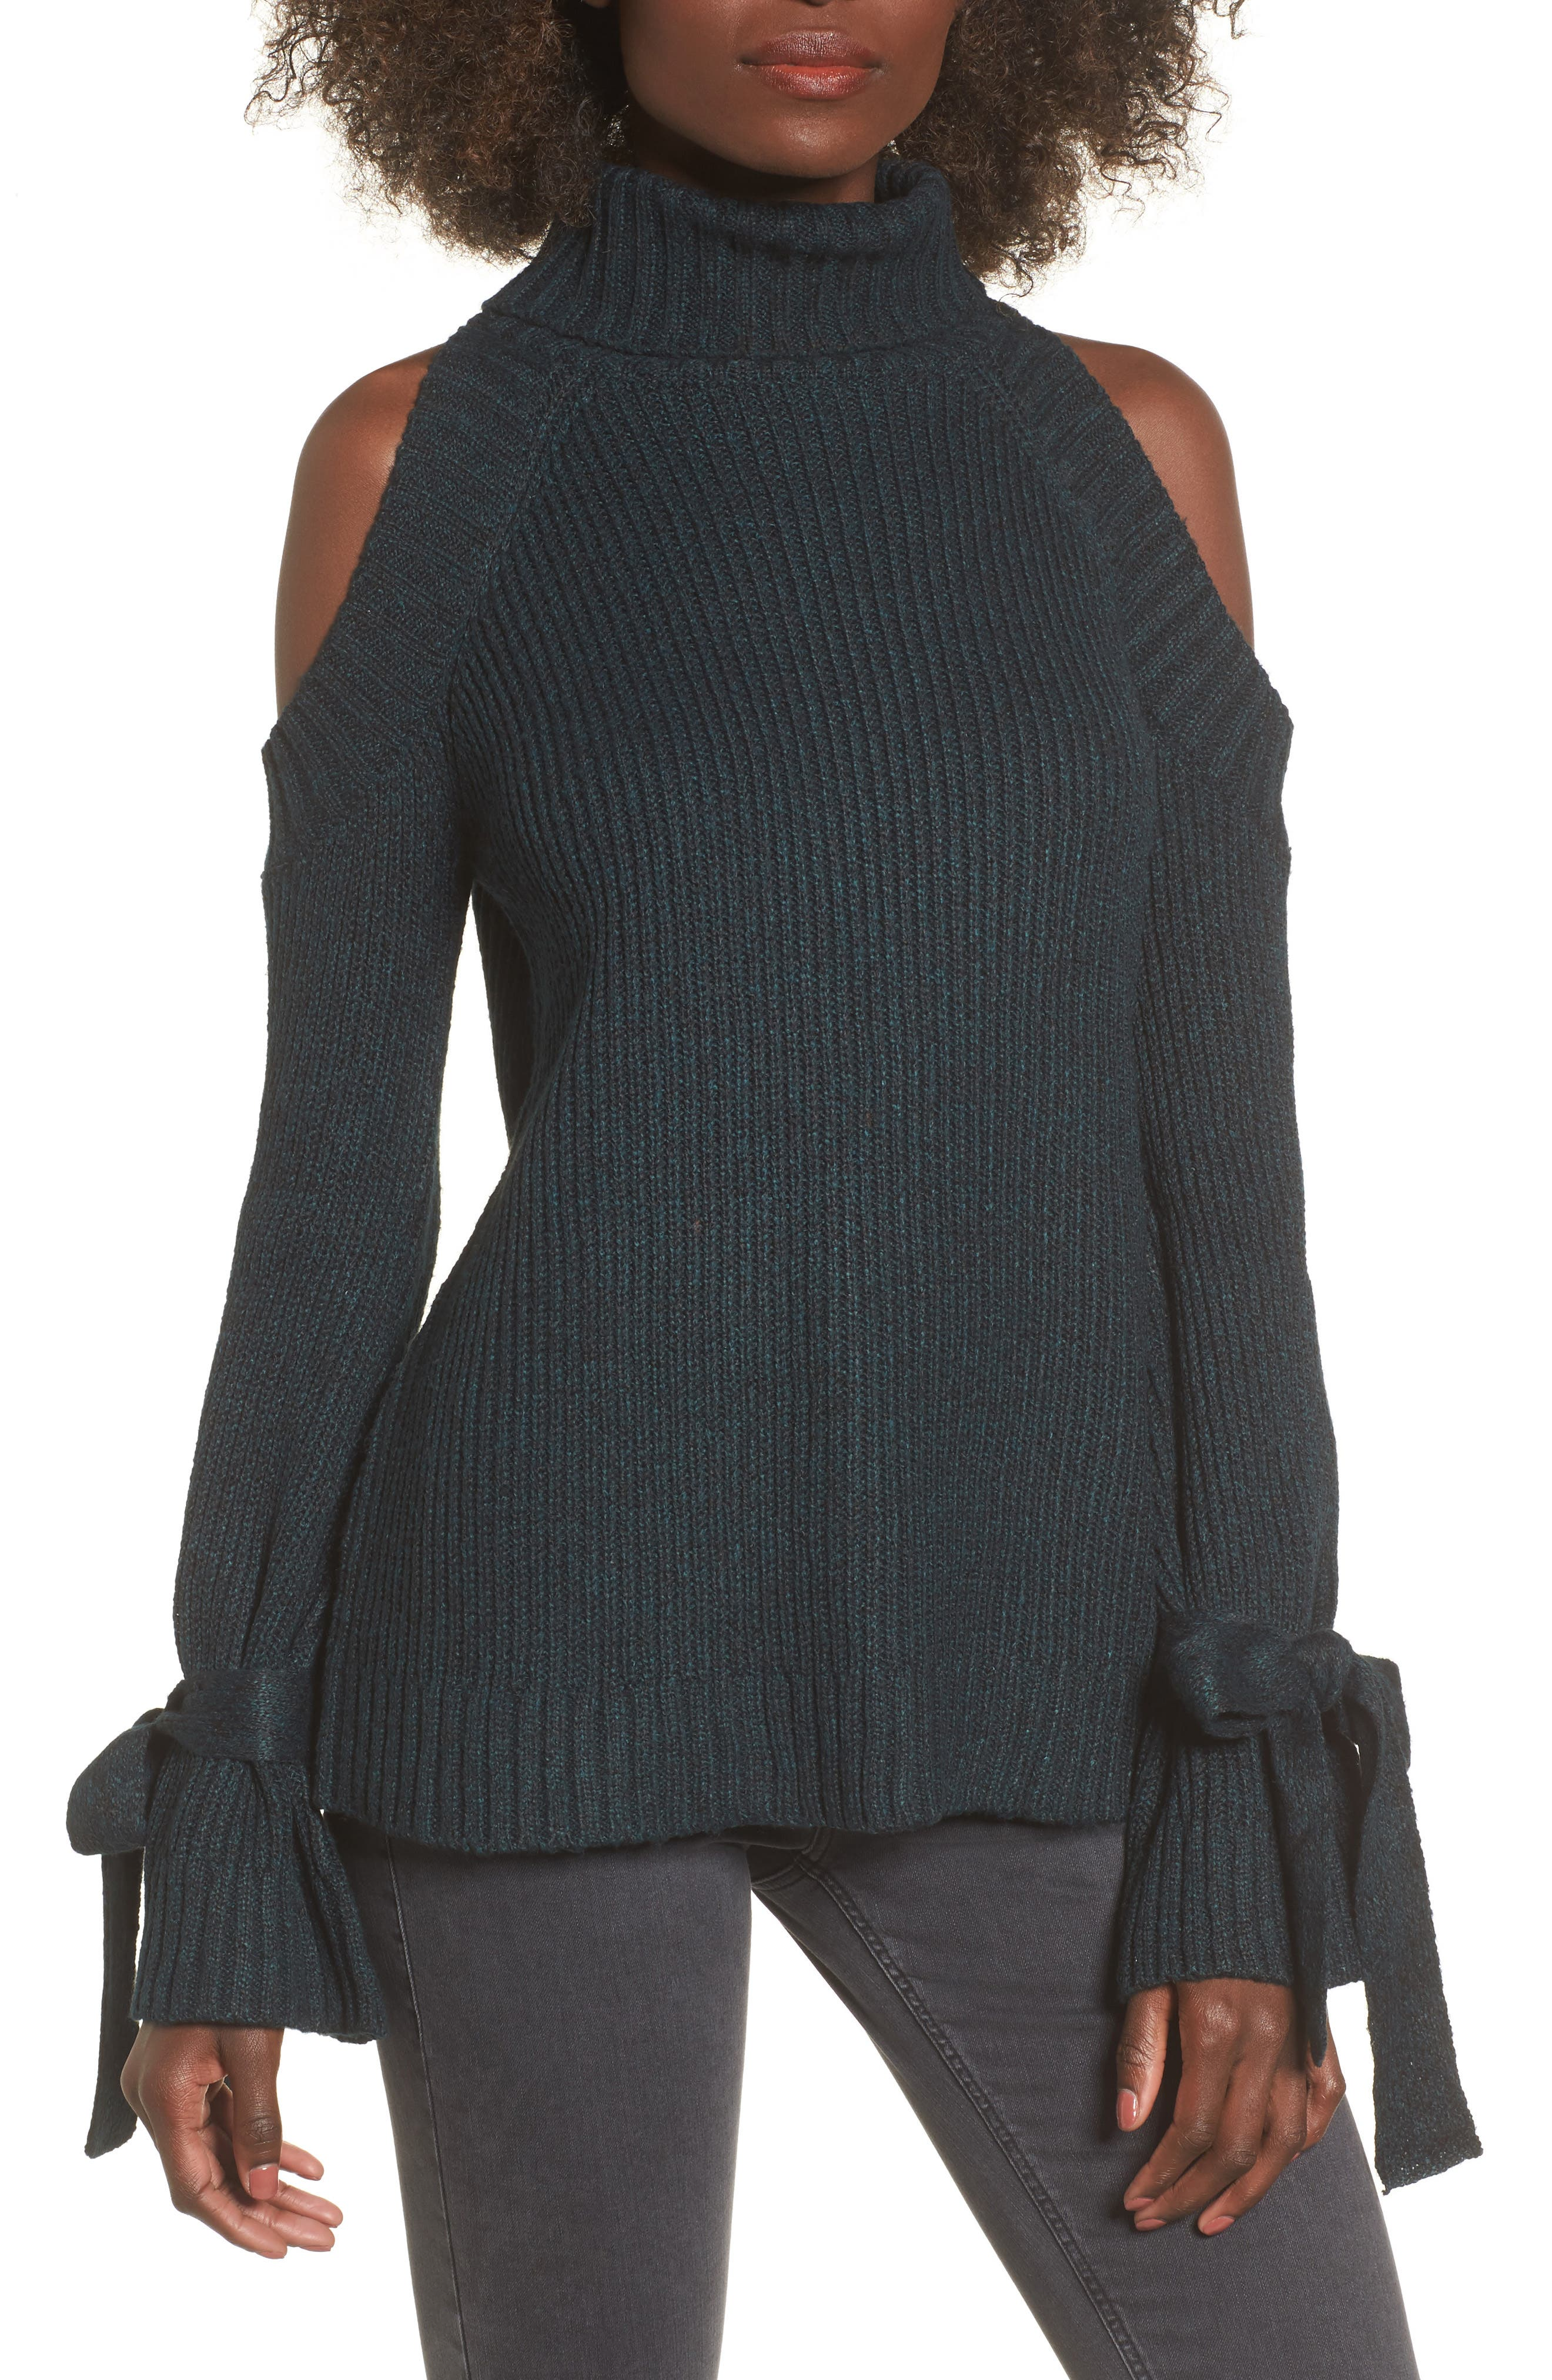 Main Image - J.O.A. Cold Shoulder Turtleneck Sweater